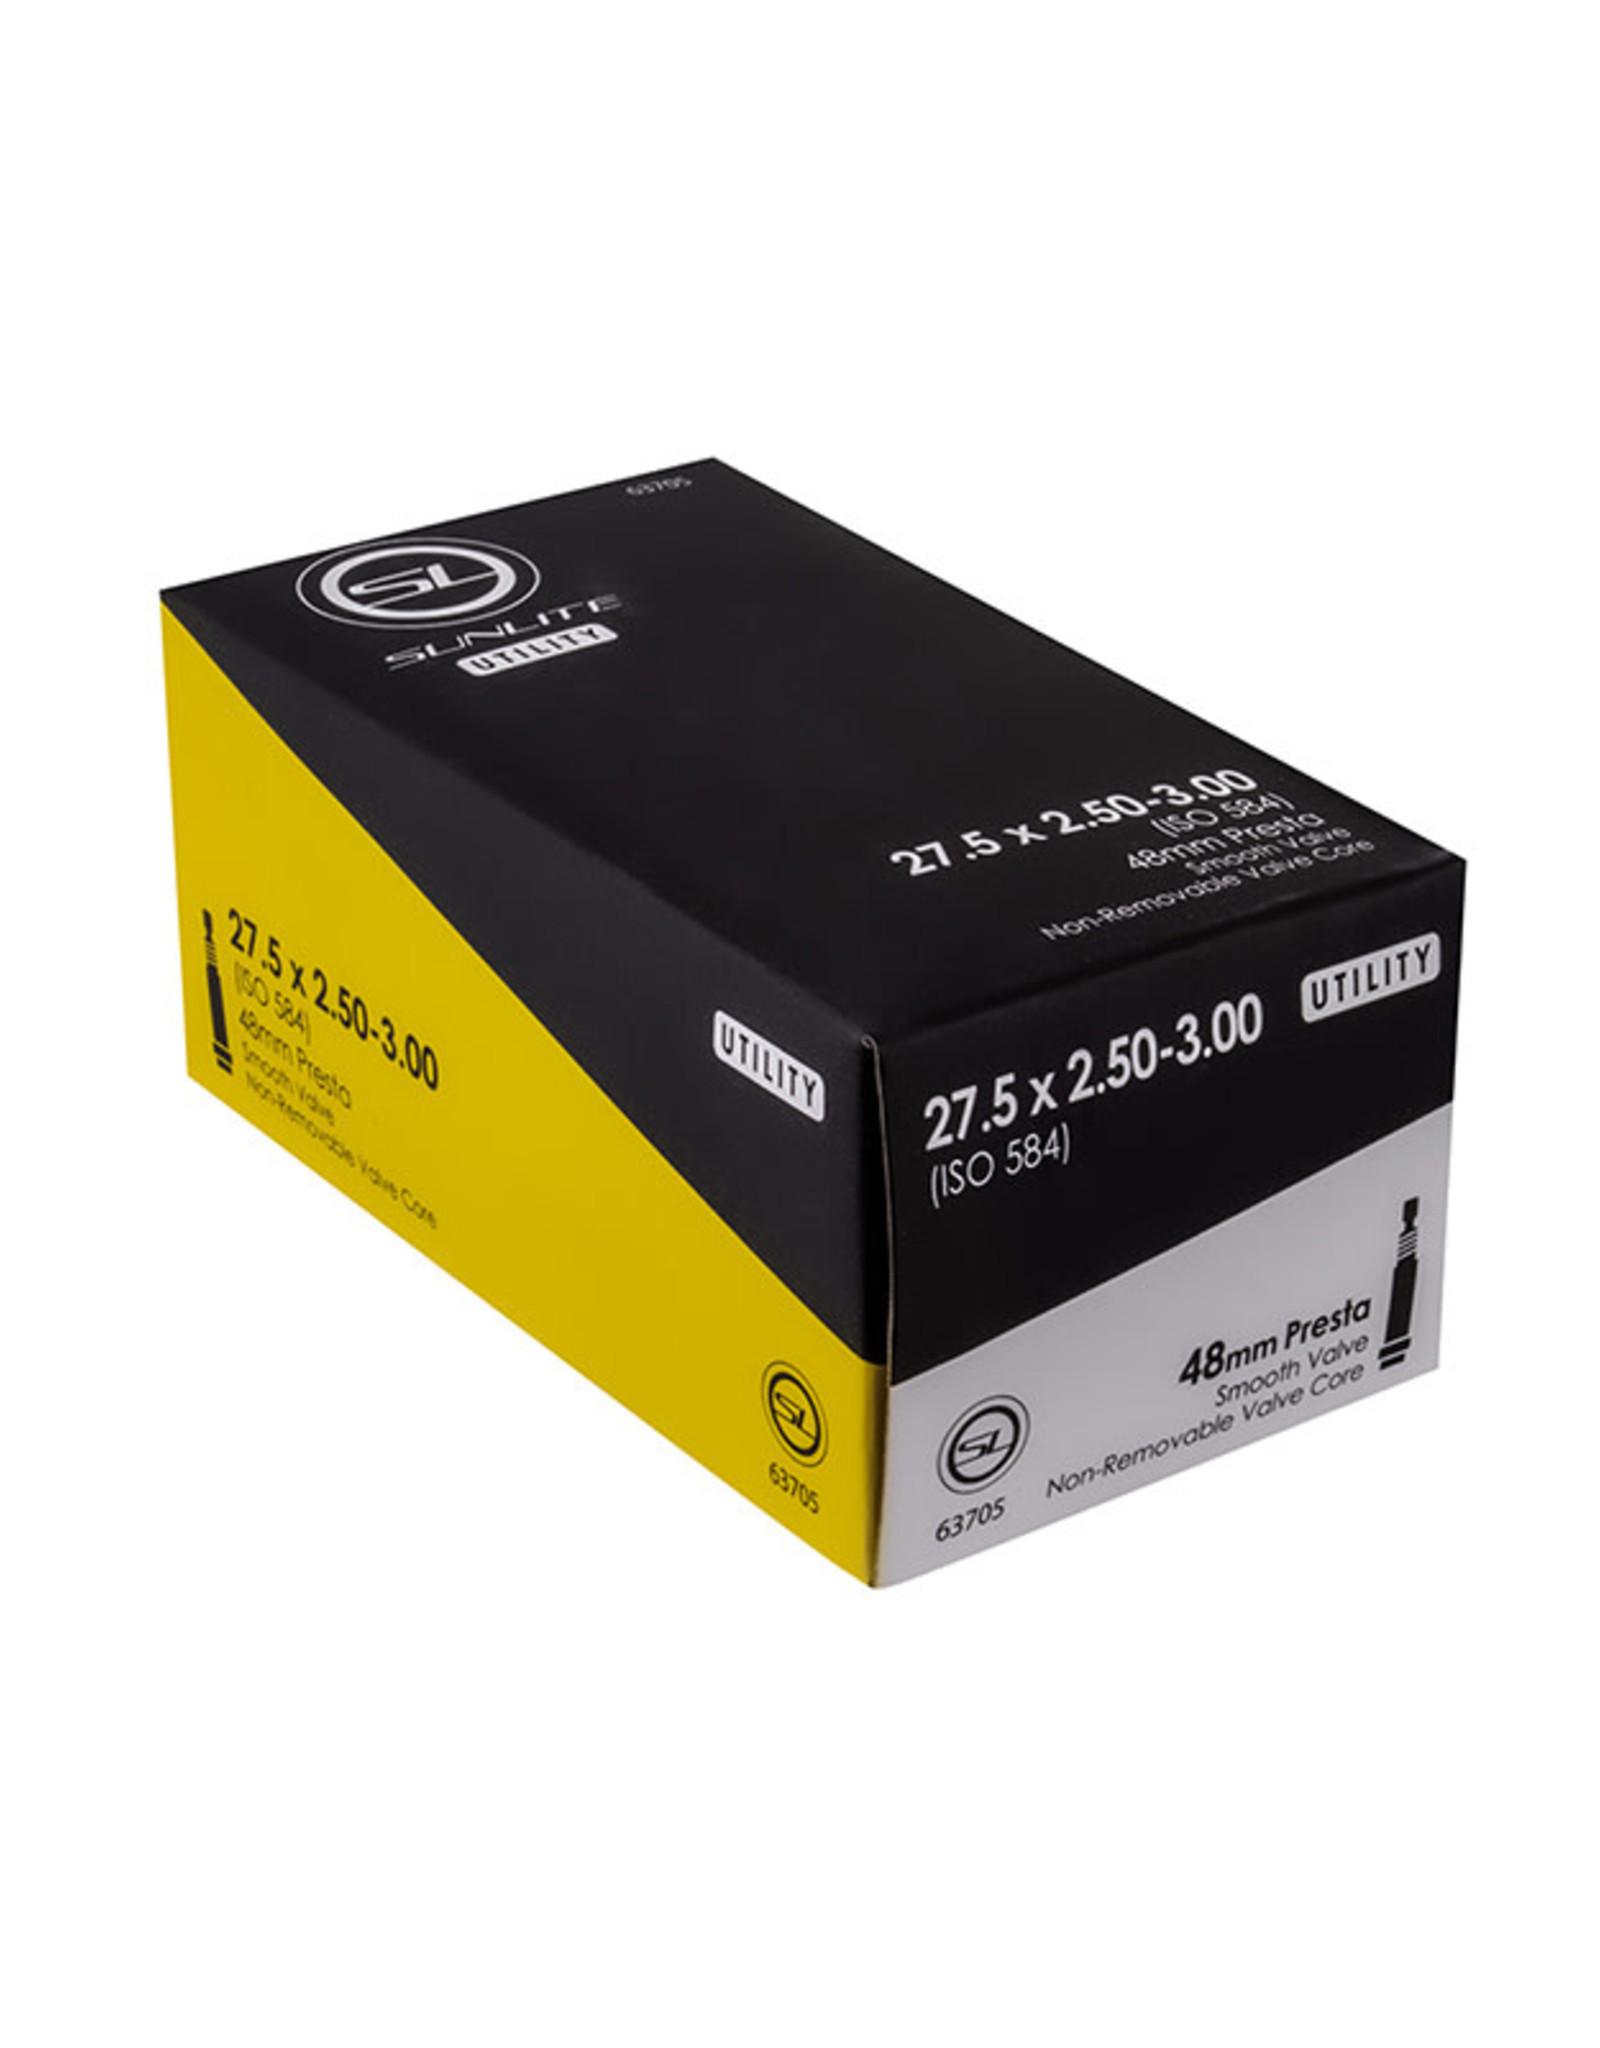 Sunlite TUBE 27.5x2.50-3.00 PV 48mm